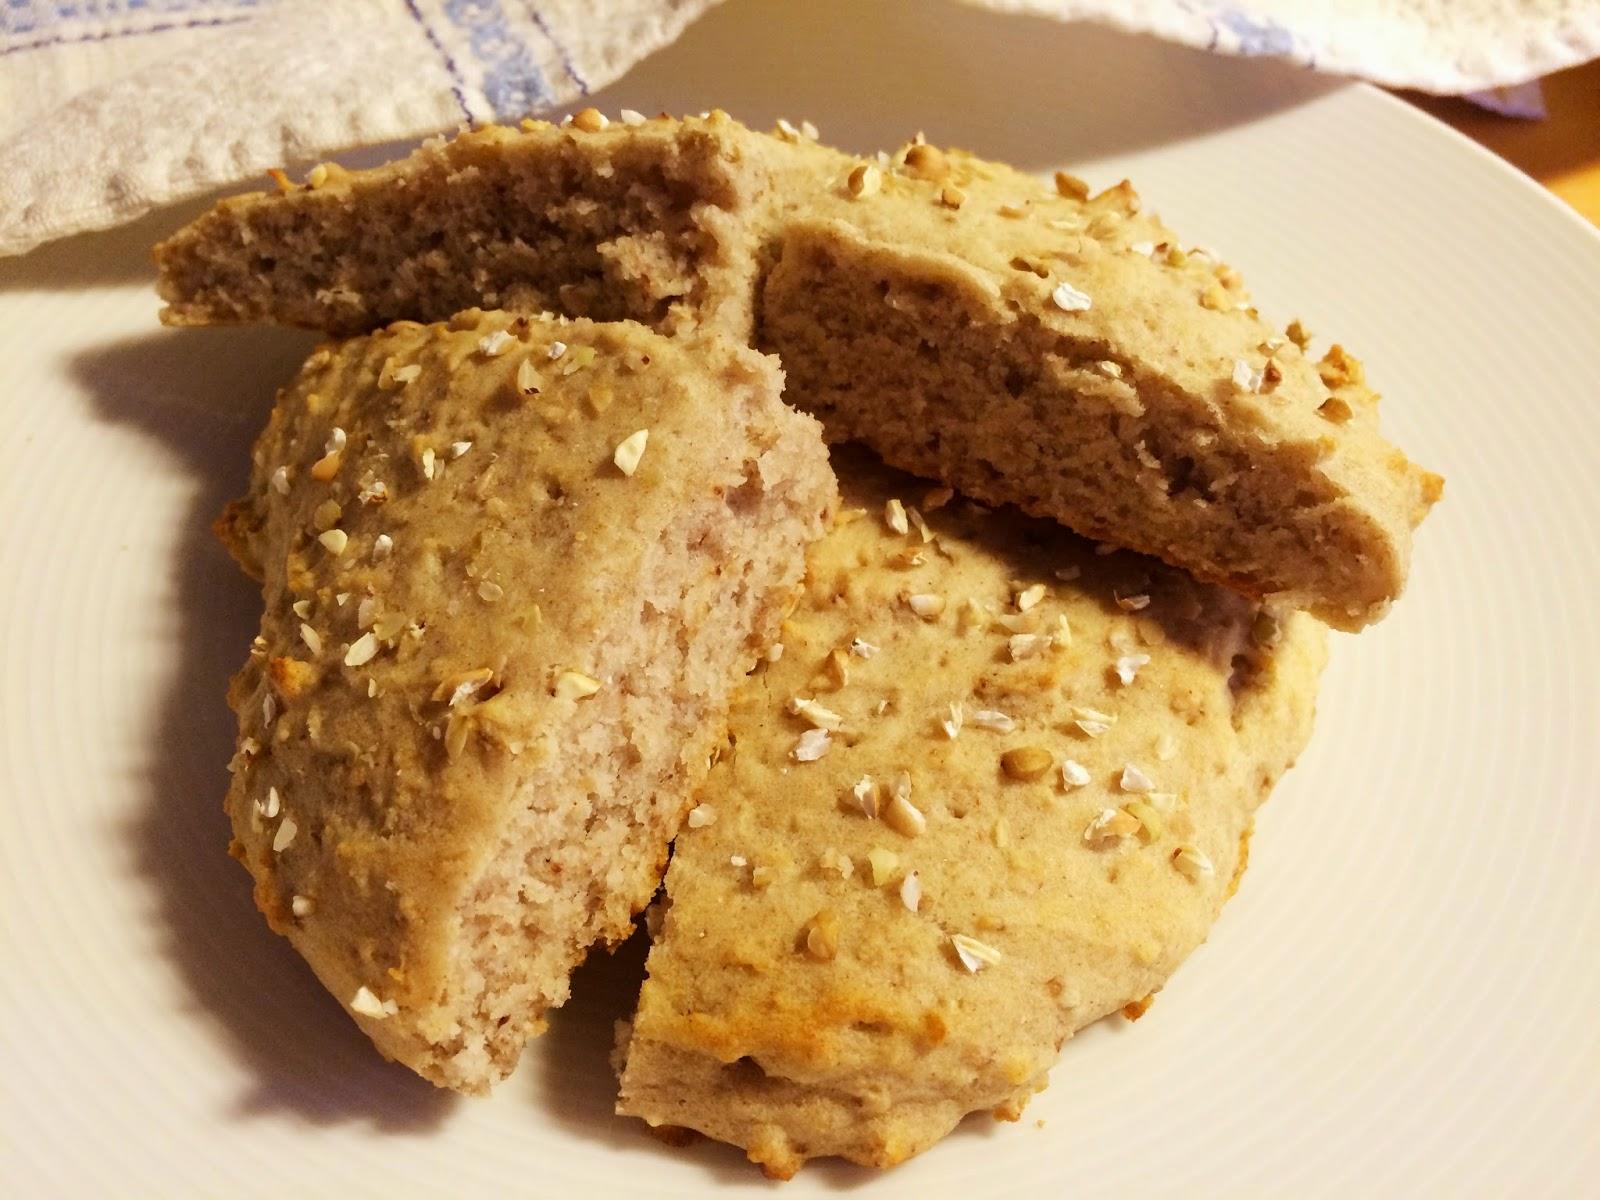 bovetebröd med bakpulver